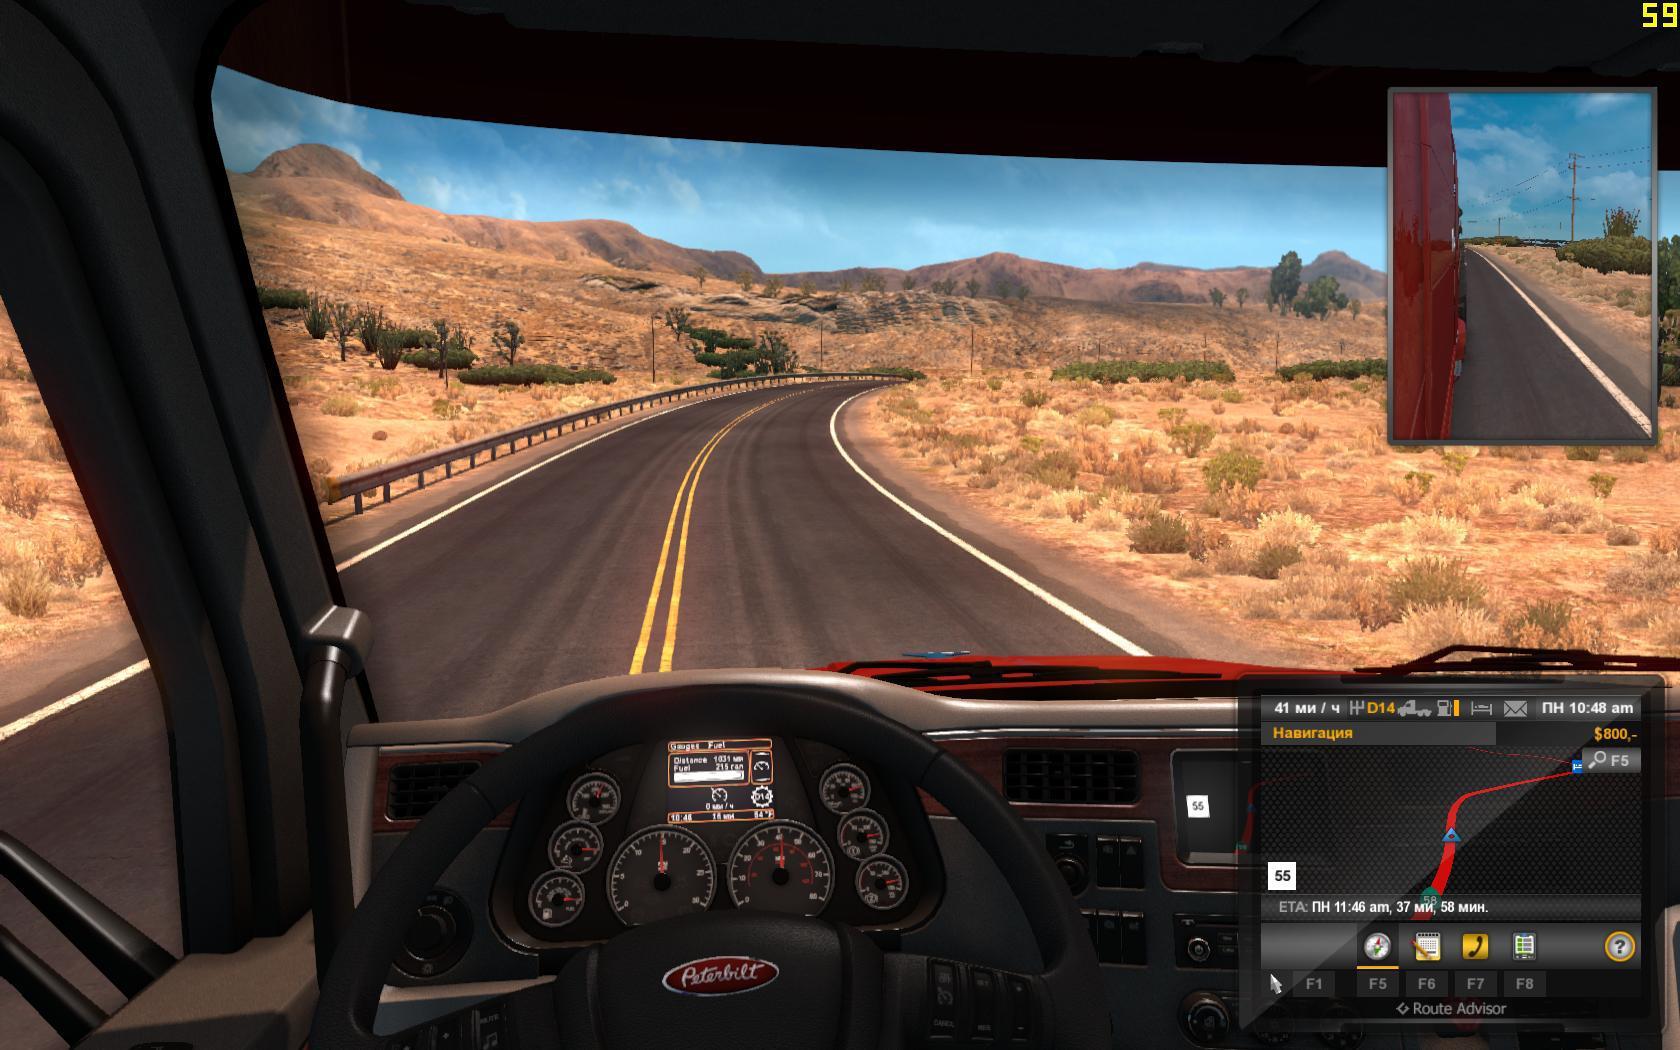 Скачать игру Американ трек симулятор 2 версия 1 33 4 - Vyweho